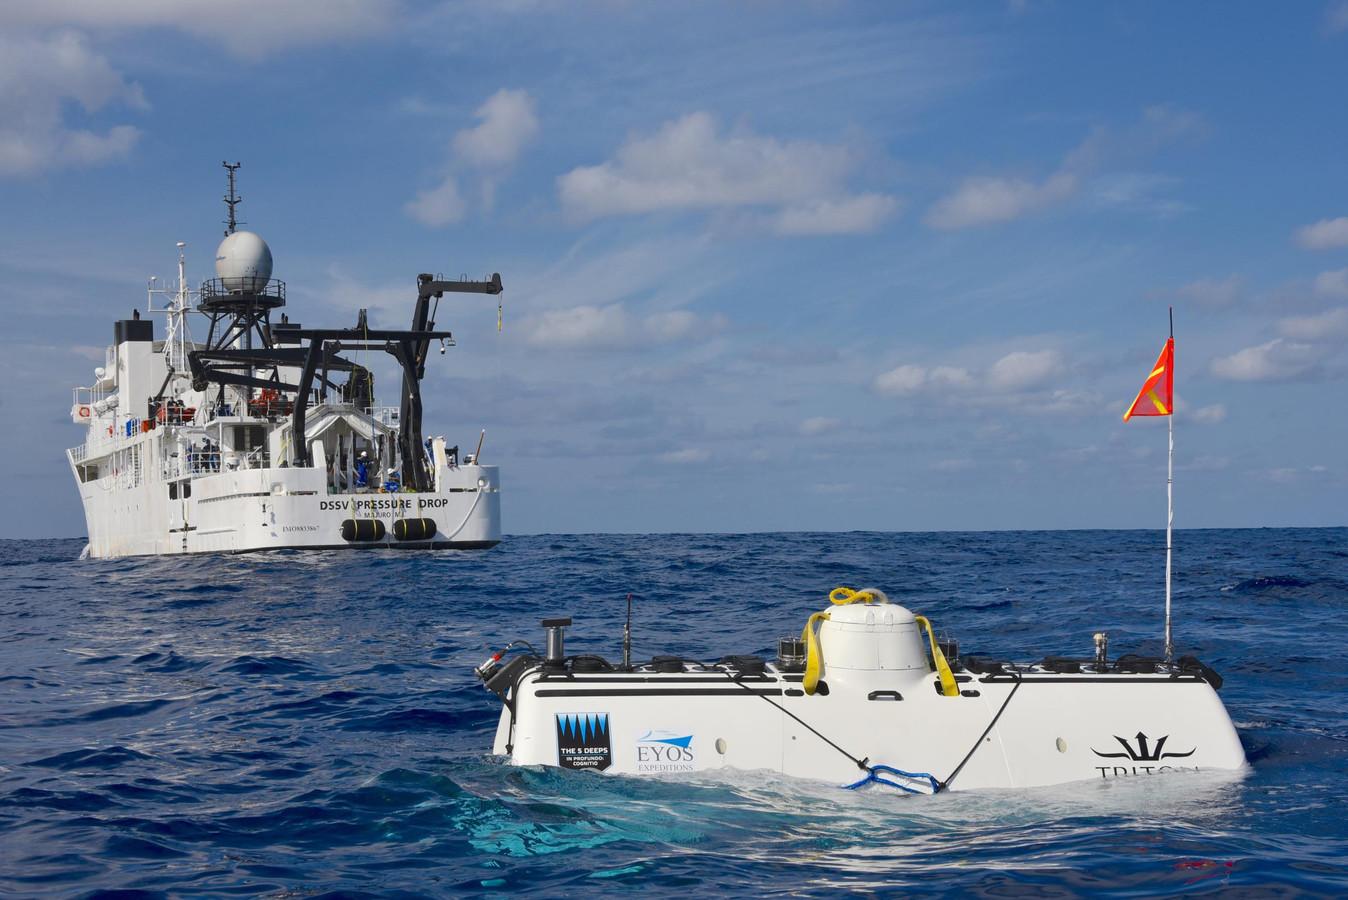 De duikboot waarmee Vescovo afdaalt naar de diepste plekjes in de vijf oceanen.